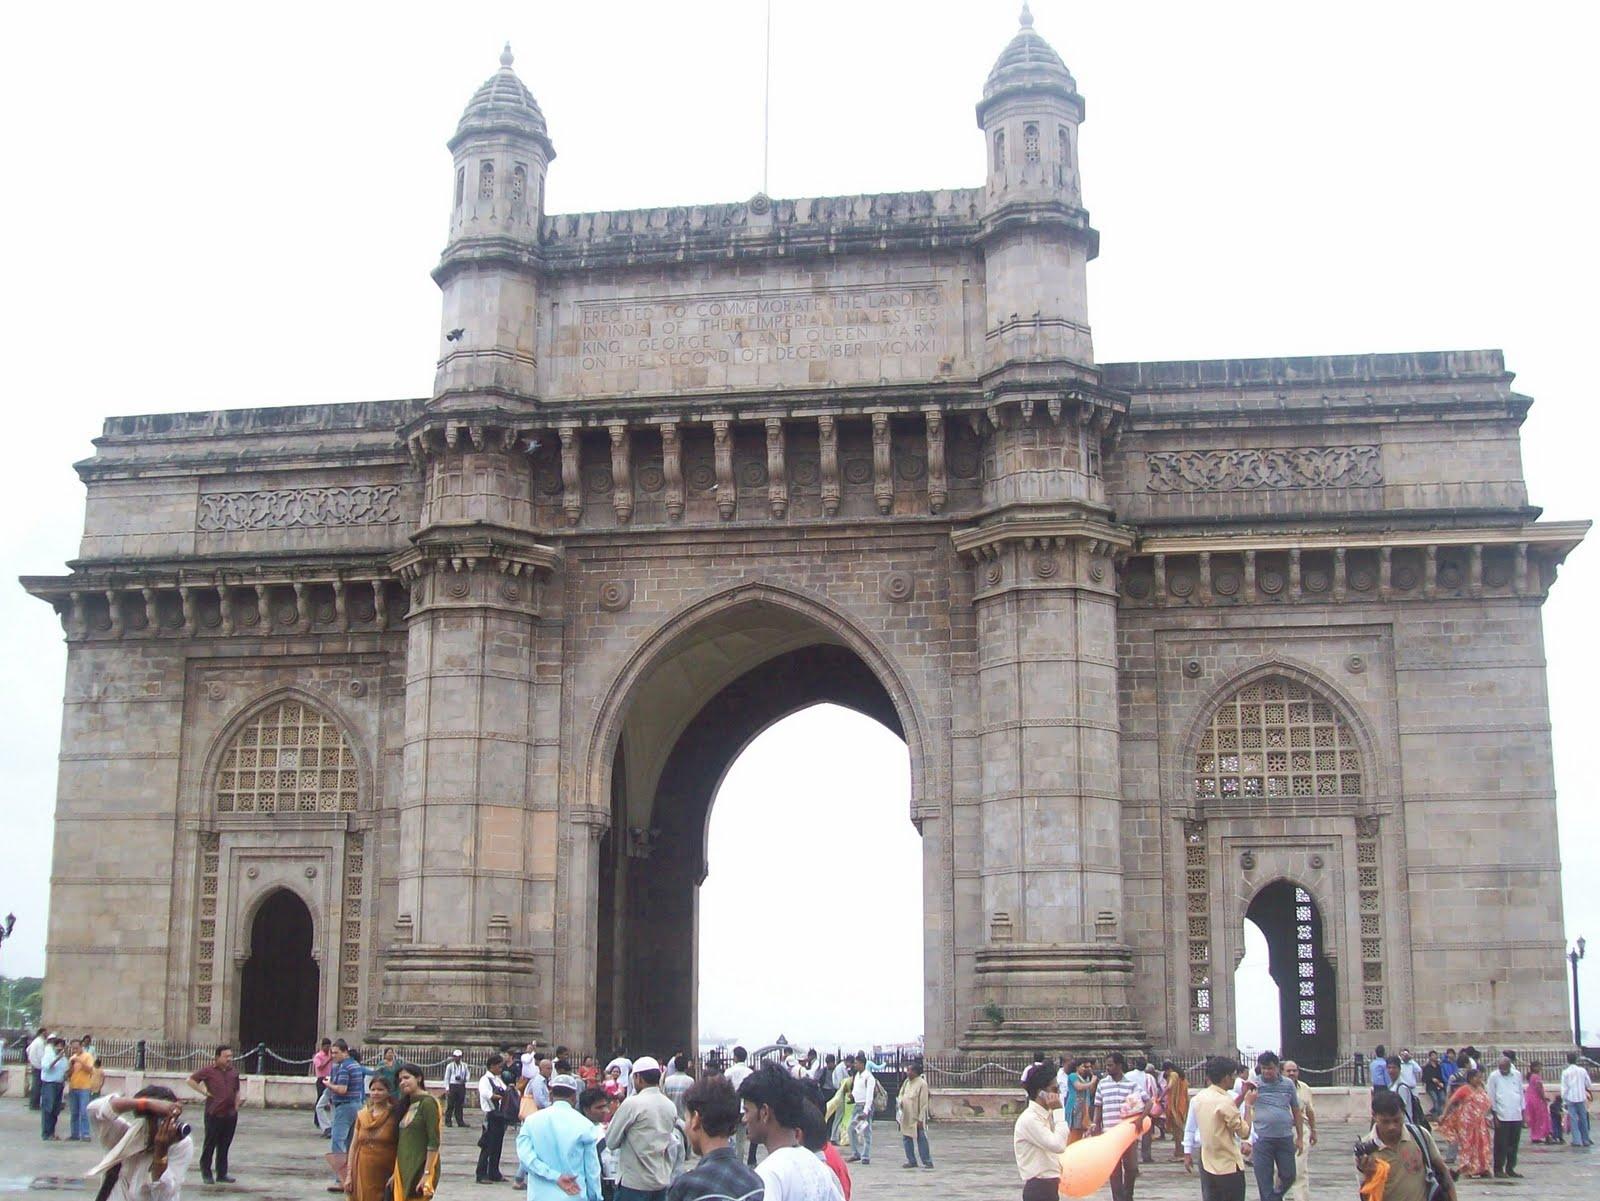 Haciendo el indio en la india mumbai is different - Haciendo el indio ...